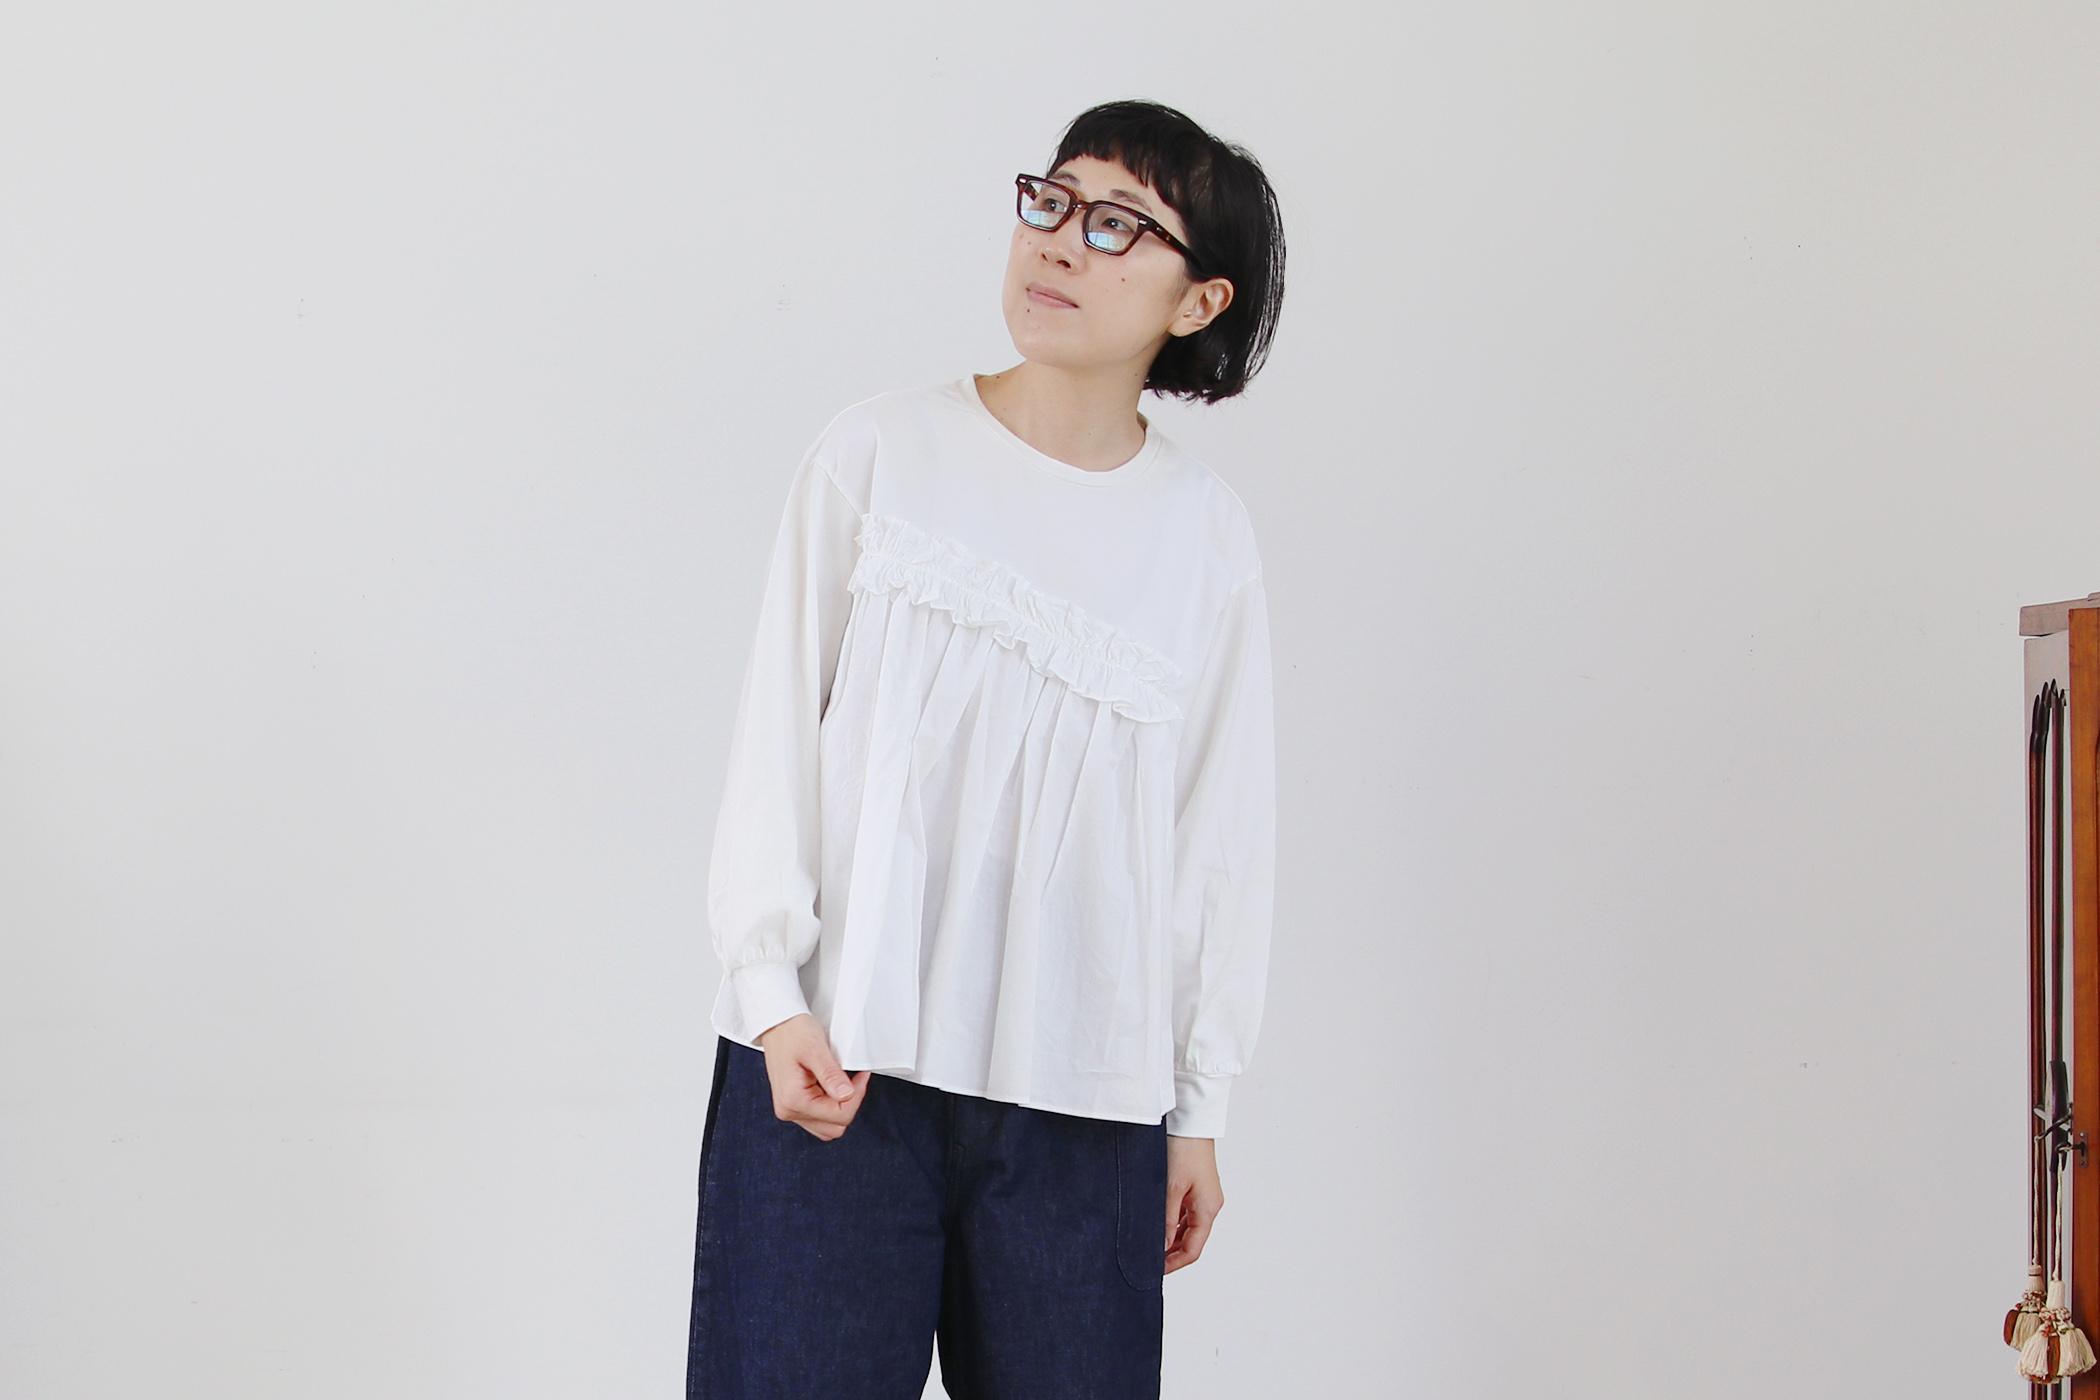 クラシック天竺 コンボプルオーバー【全3色】